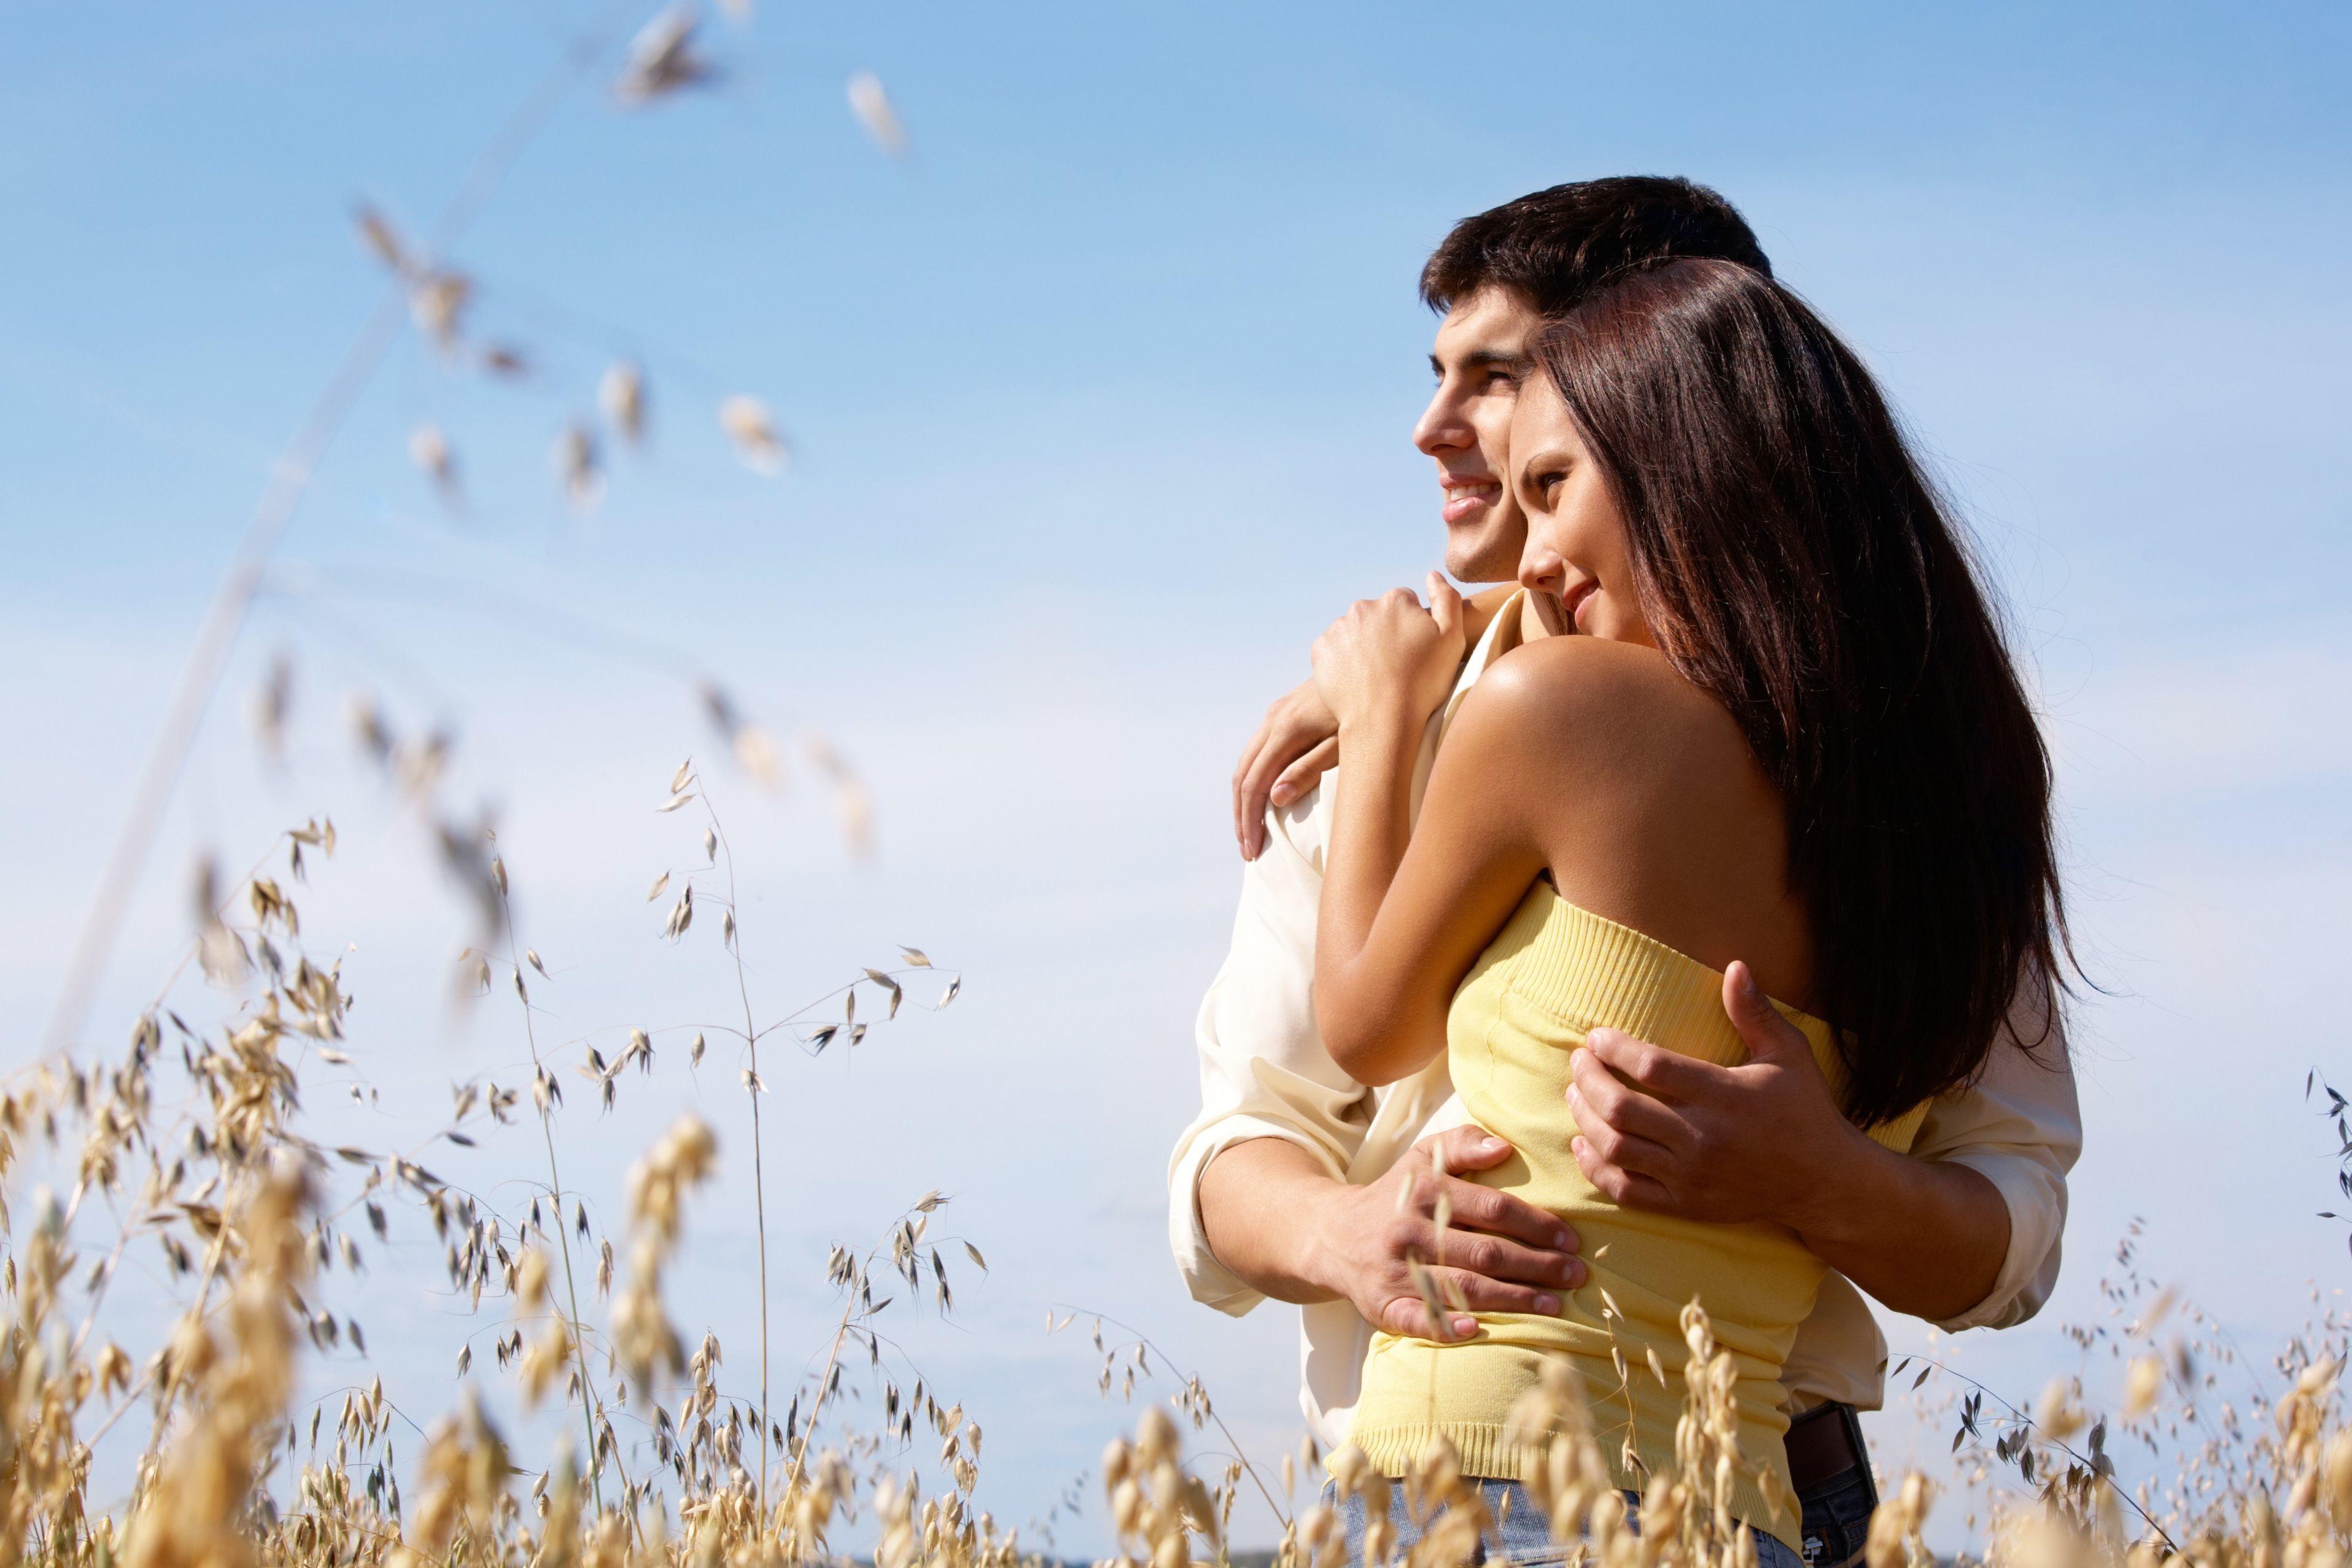 Картинки девушка и парень обнимаются, соки аватара открытки